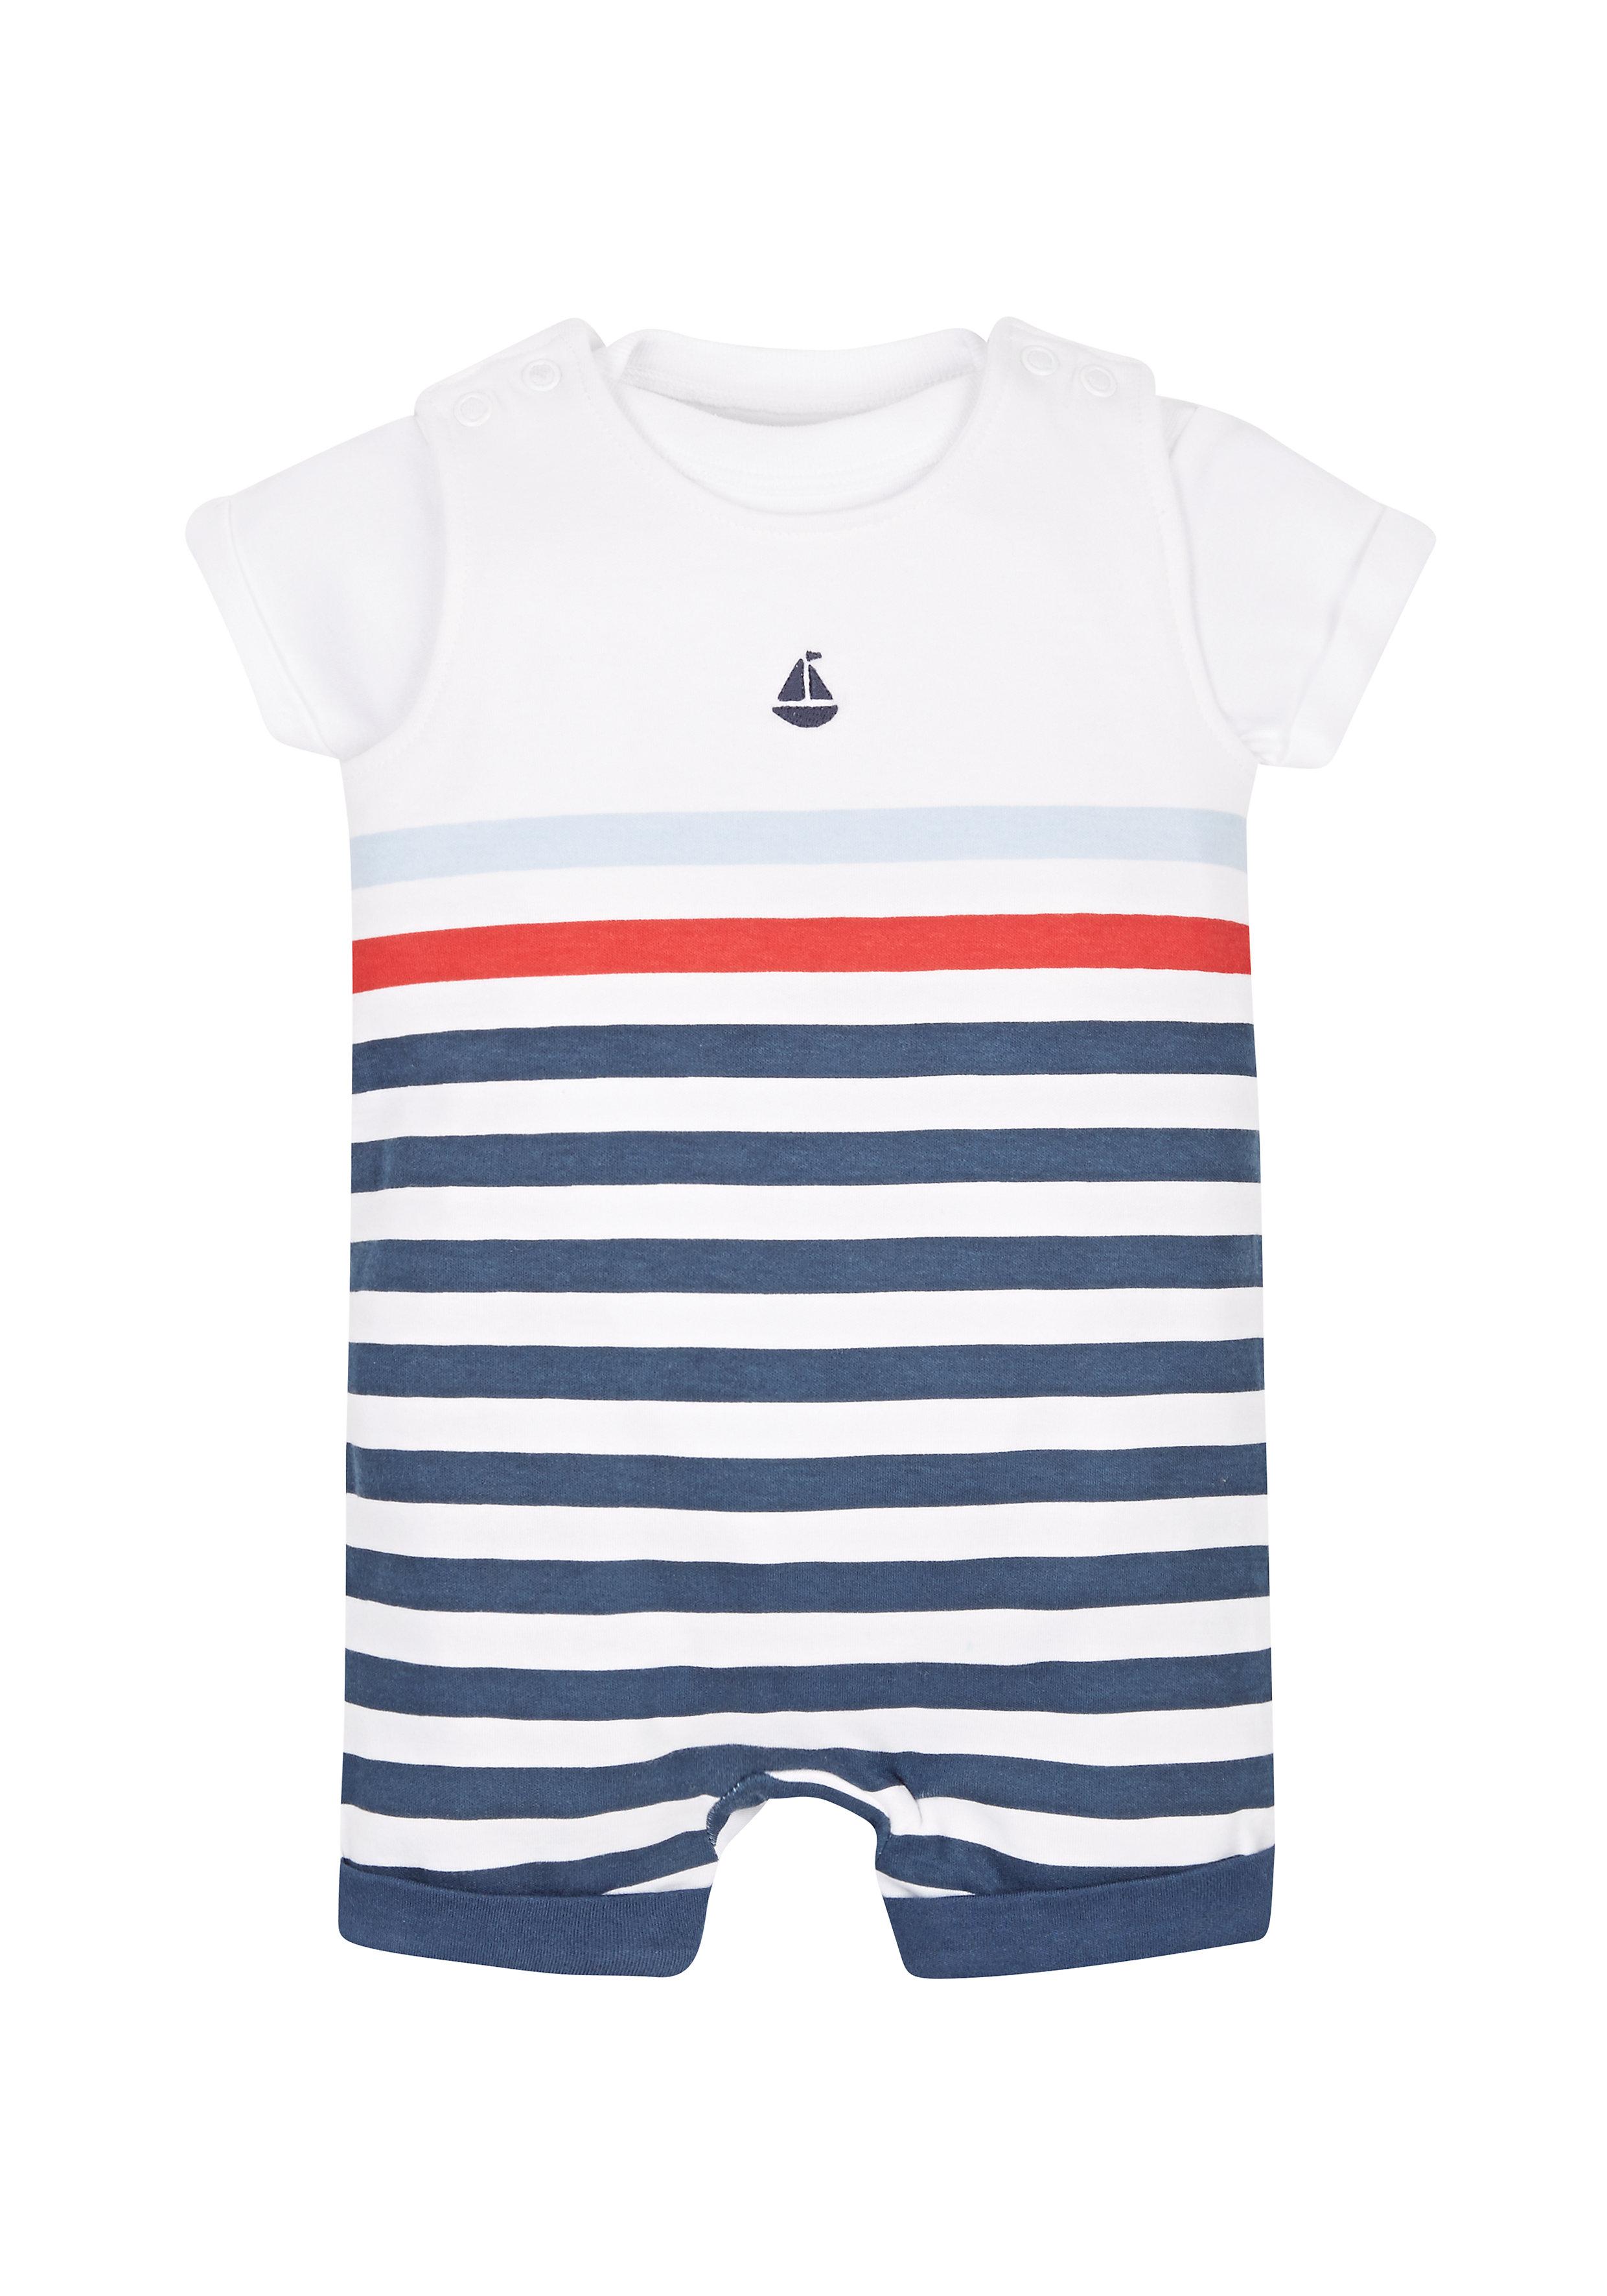 Mothercare | Boys Nautical Dungaree Set